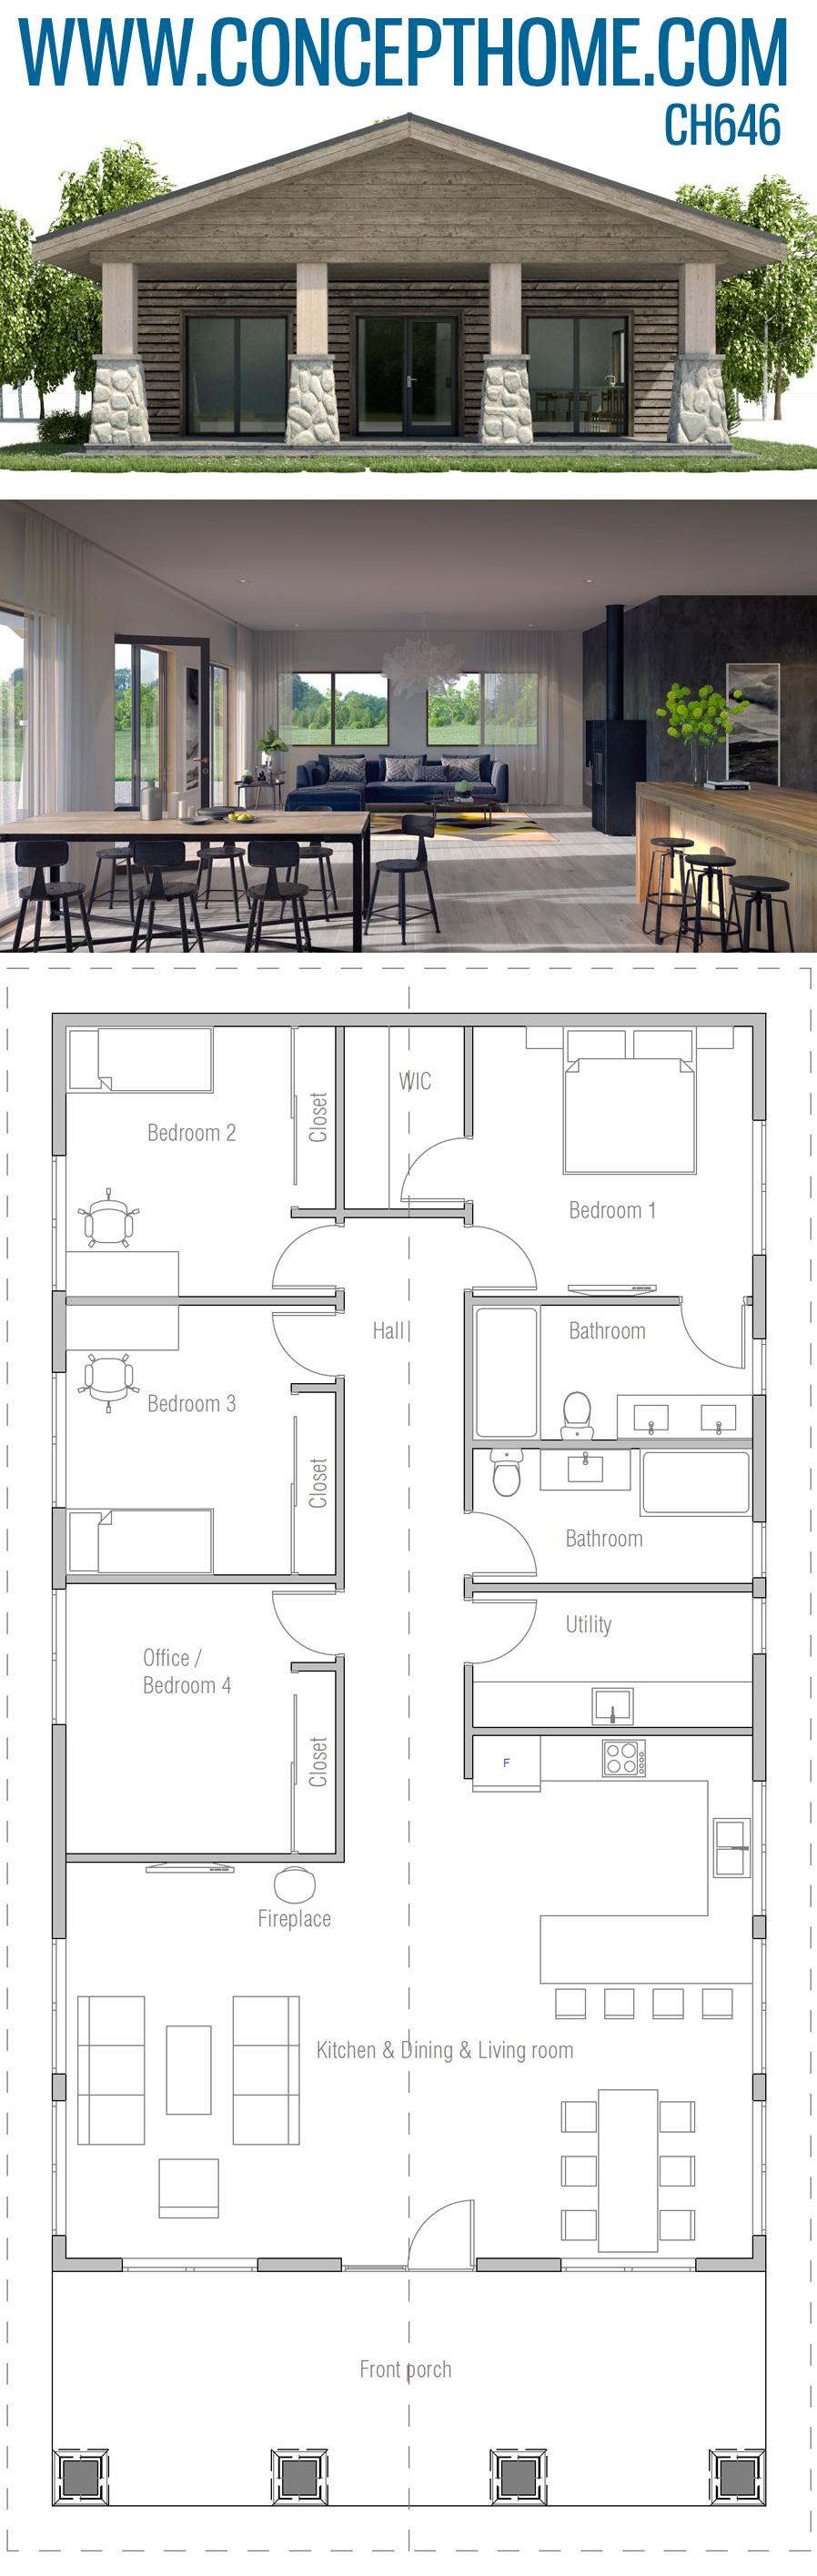 Architectural Design Ch646 Architecture Design Bungalow House Design House Plans